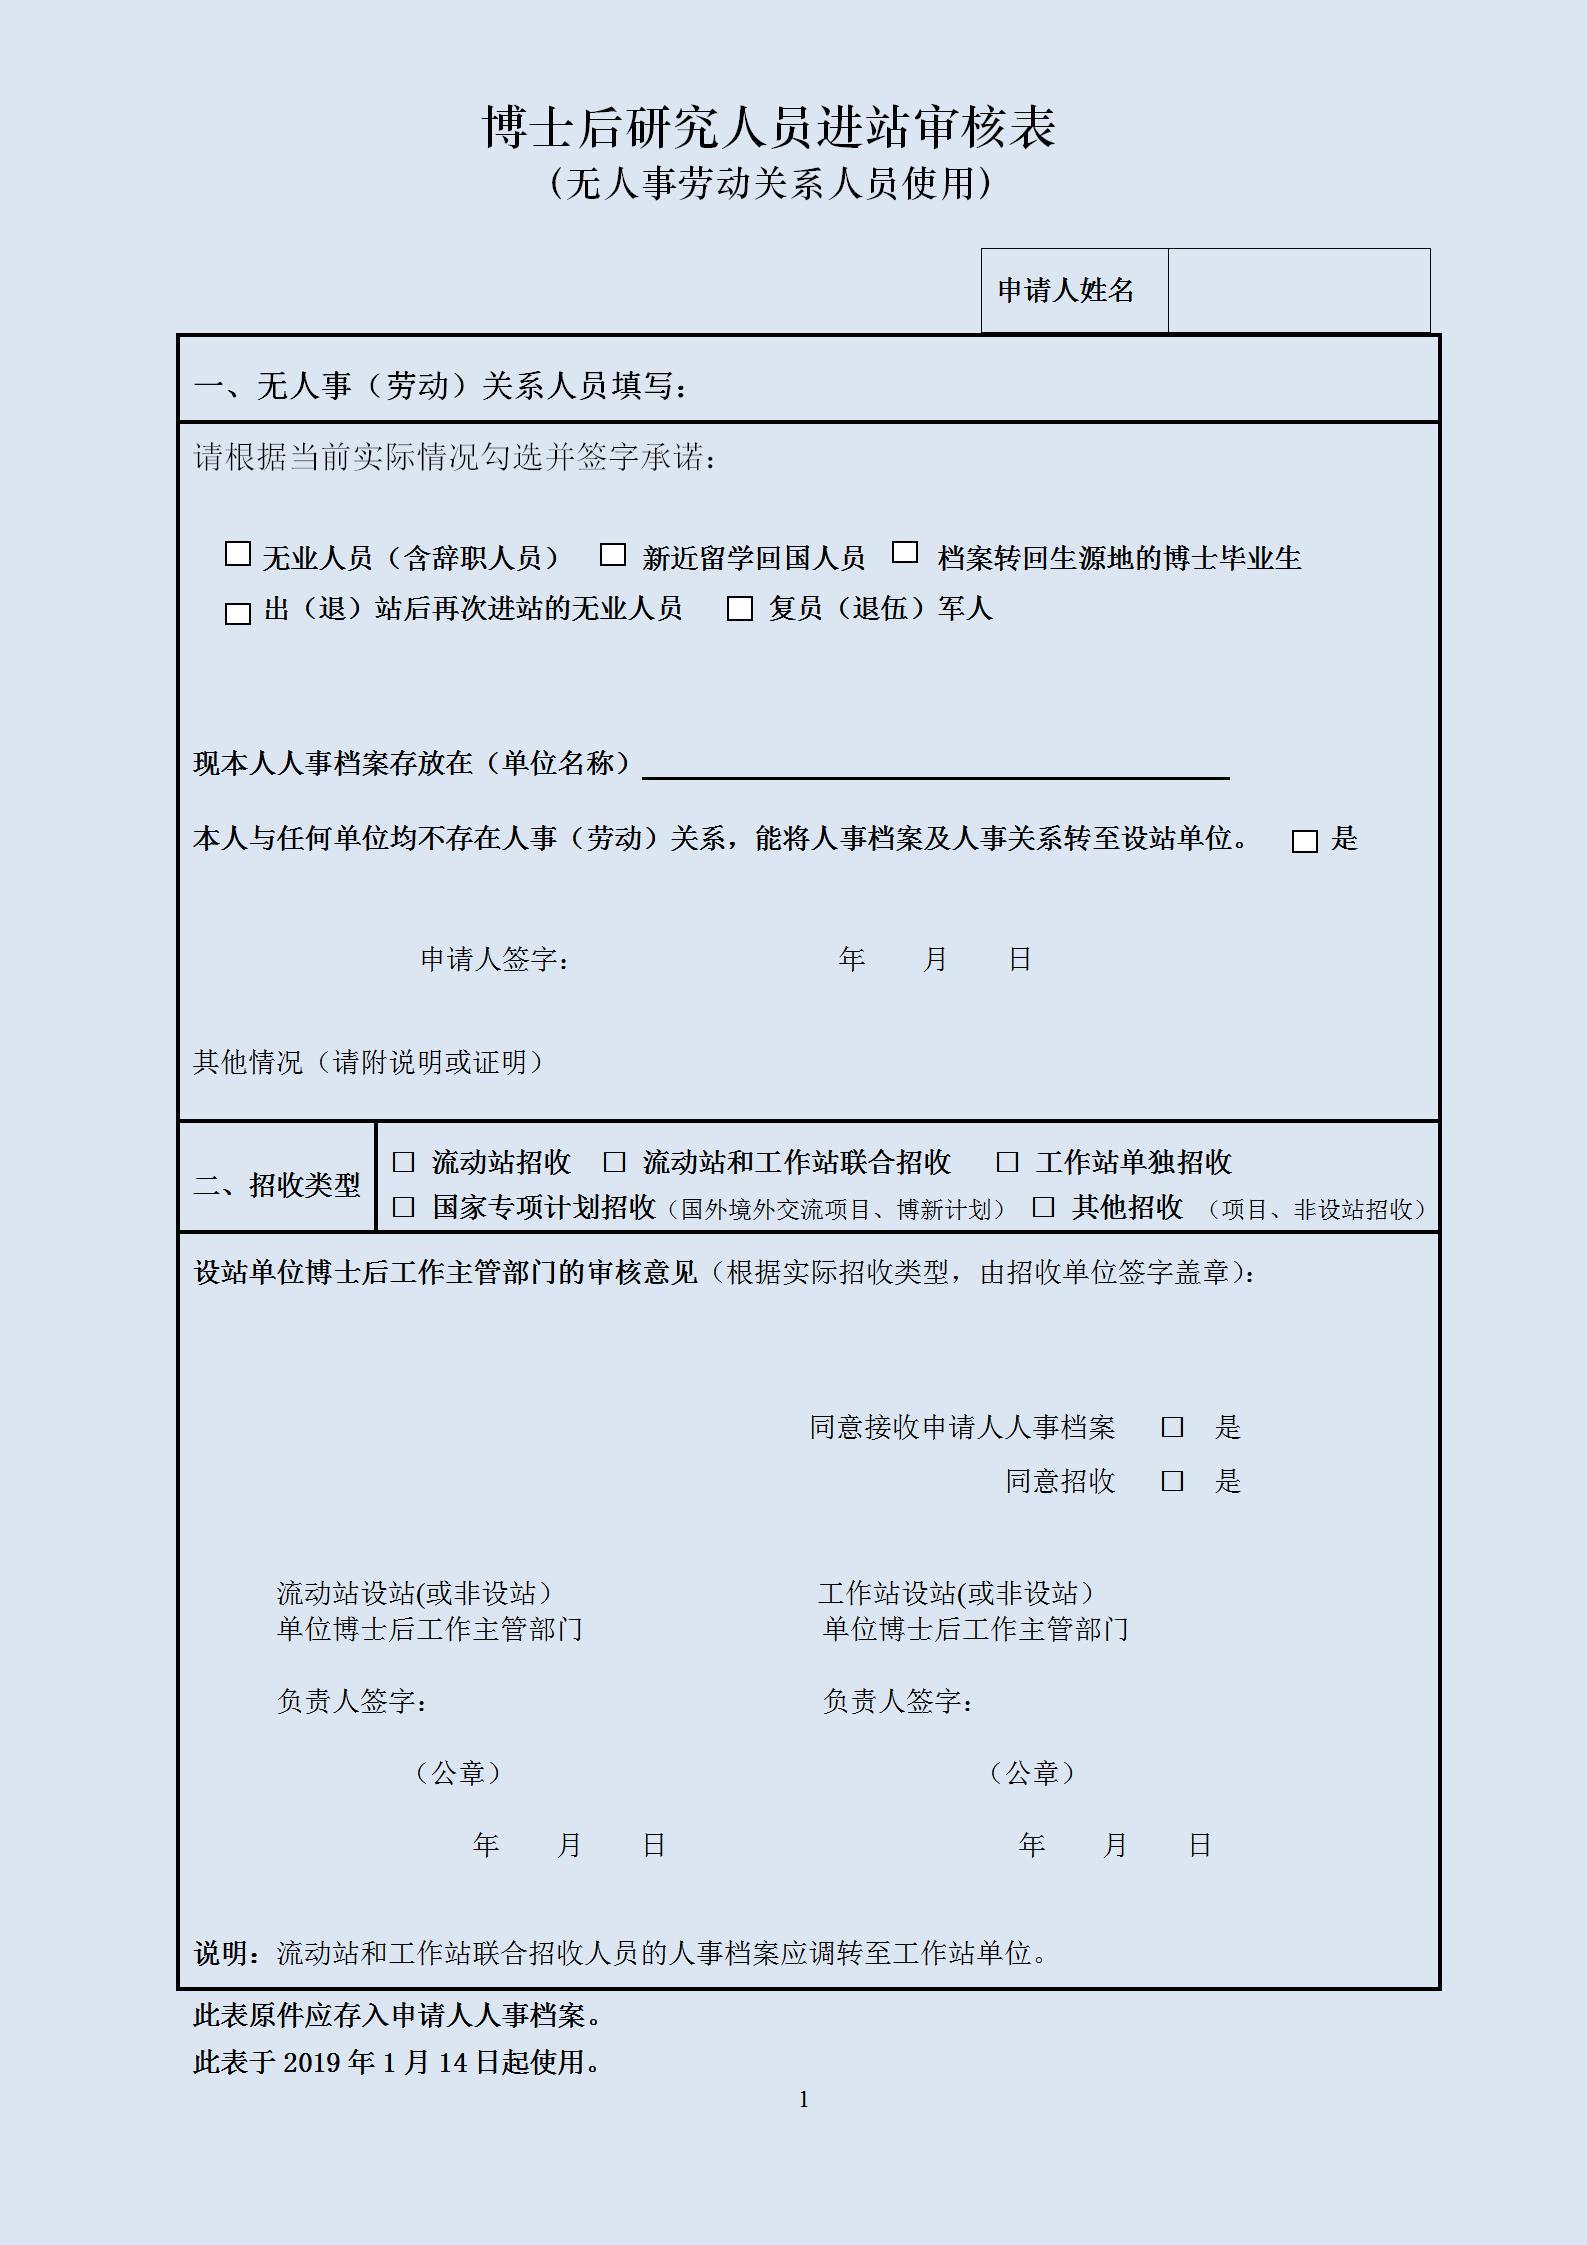 进站审批表(以中国博士后网站下载为准)